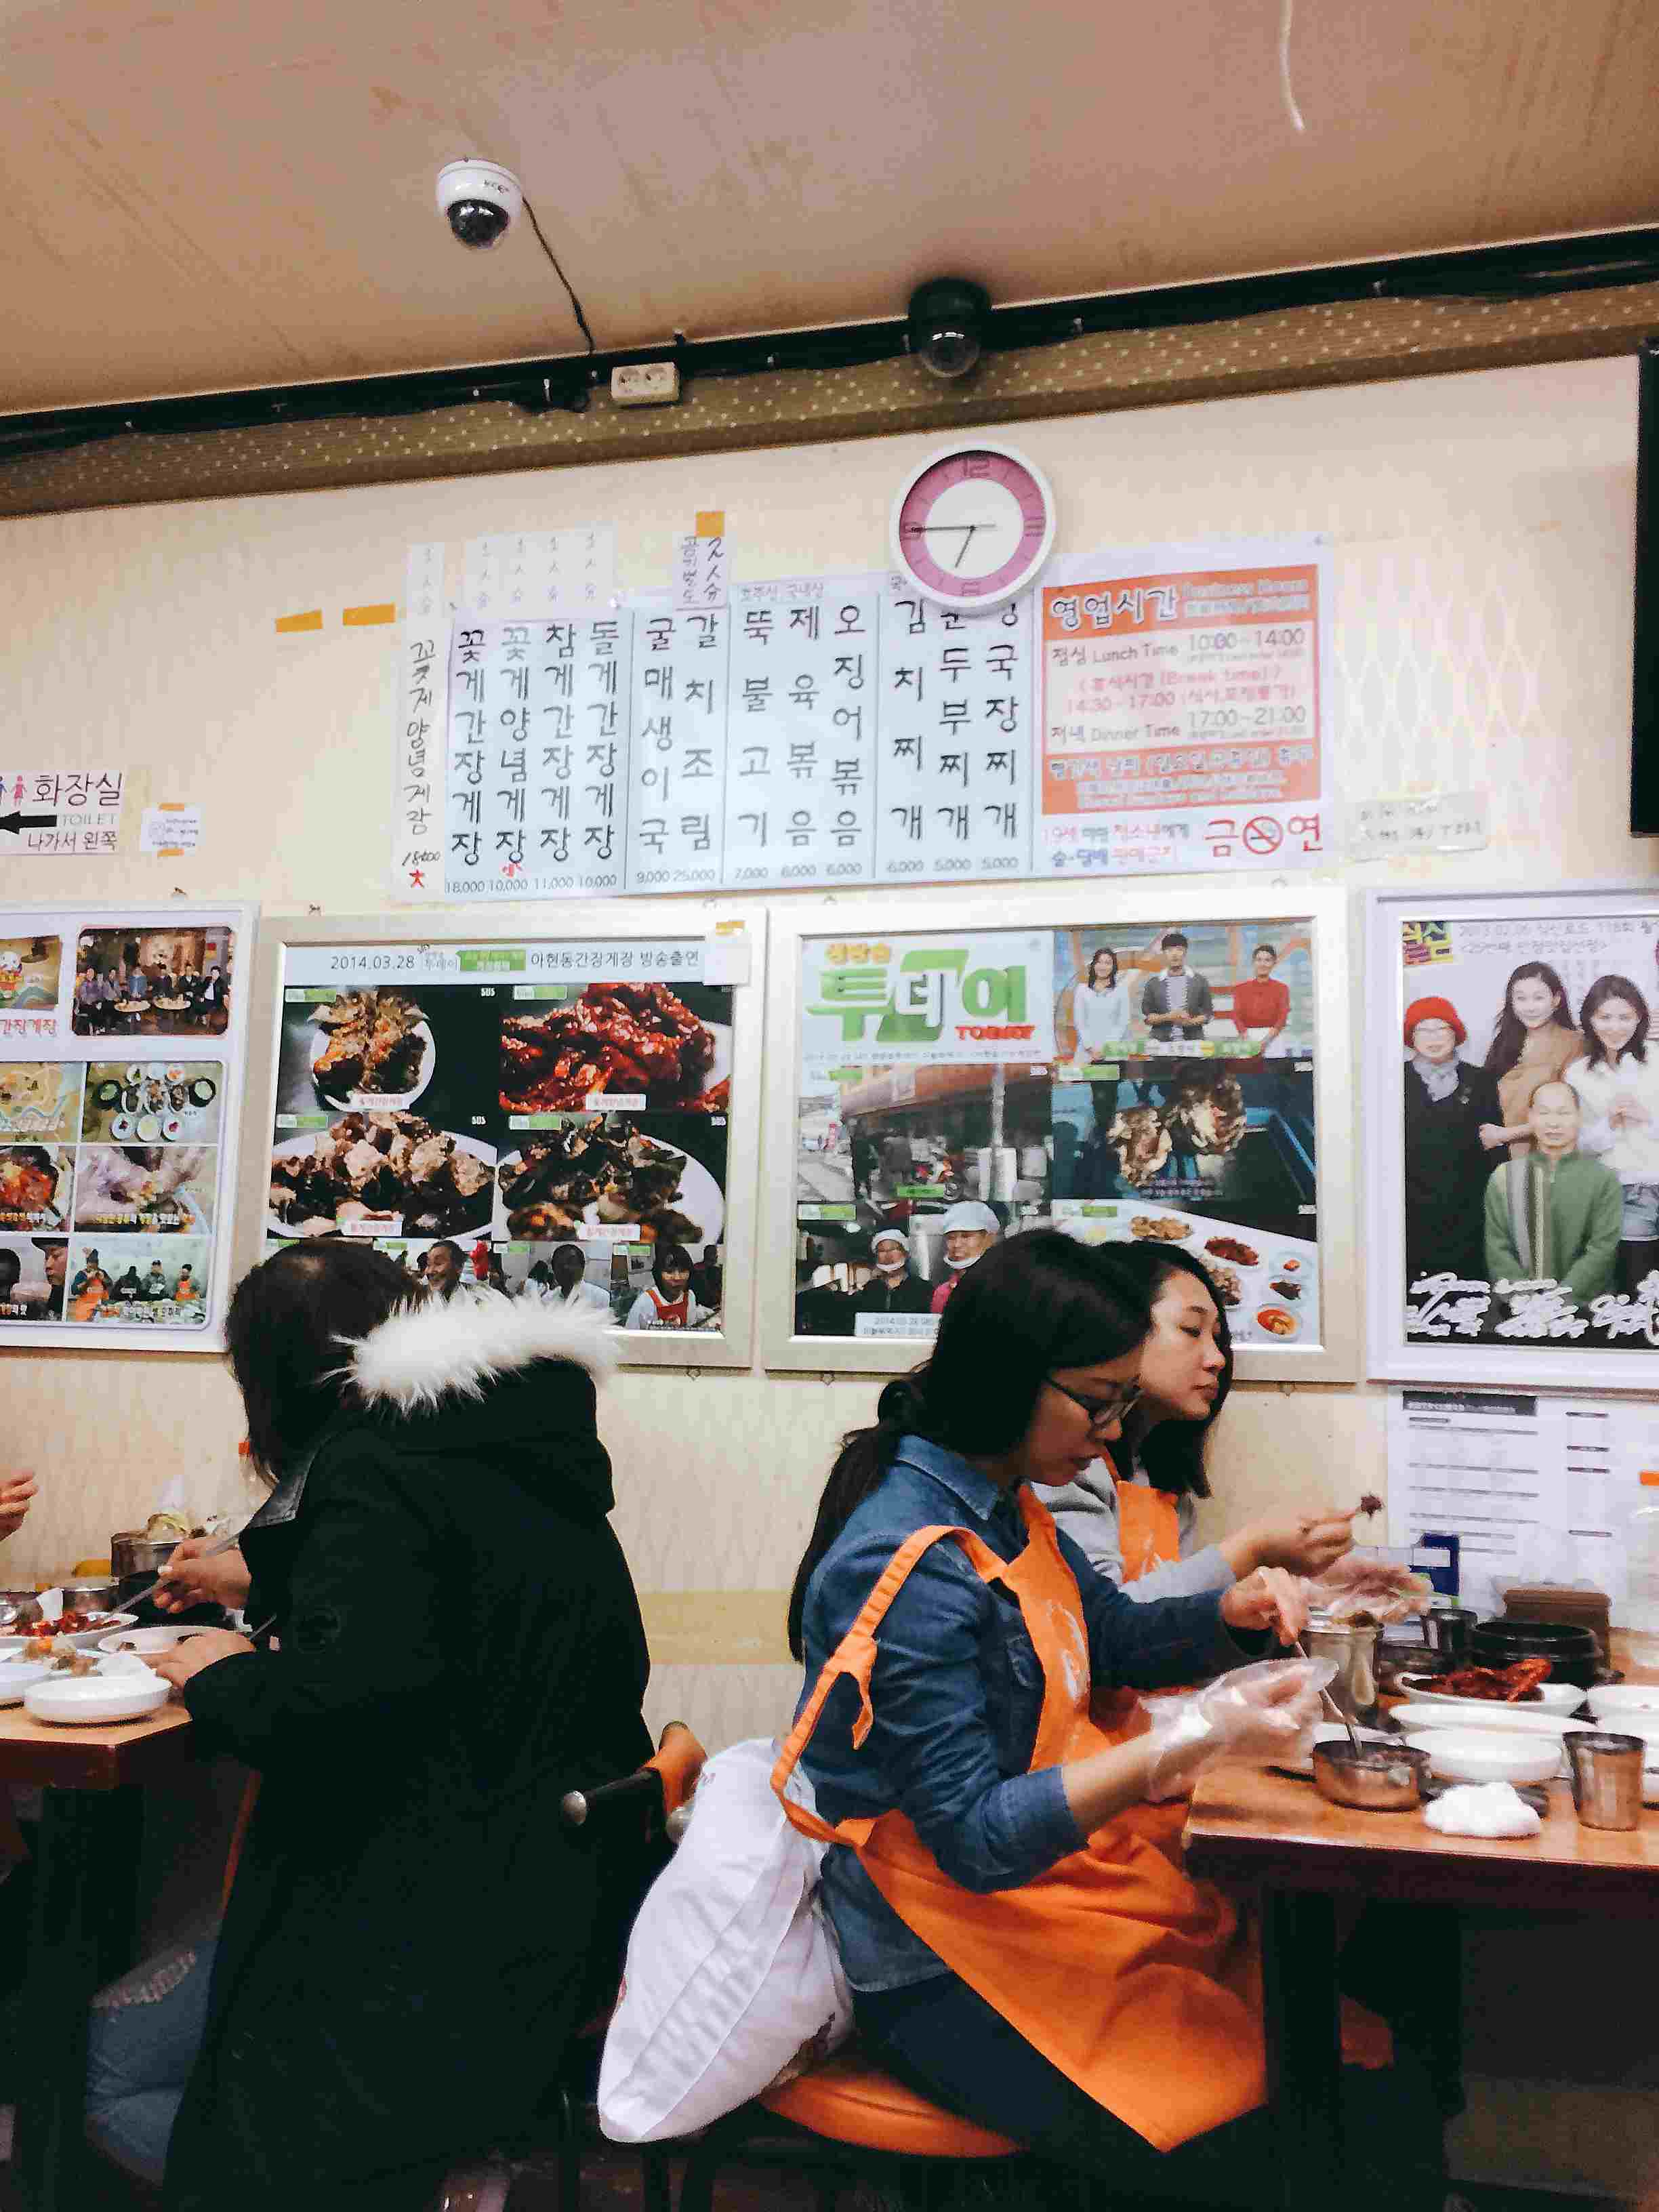 這間店到底有多有名? 大家只要看看牆上的報導就知道,不少綜藝節目或是飲食節目都來這裡進行拍攝。